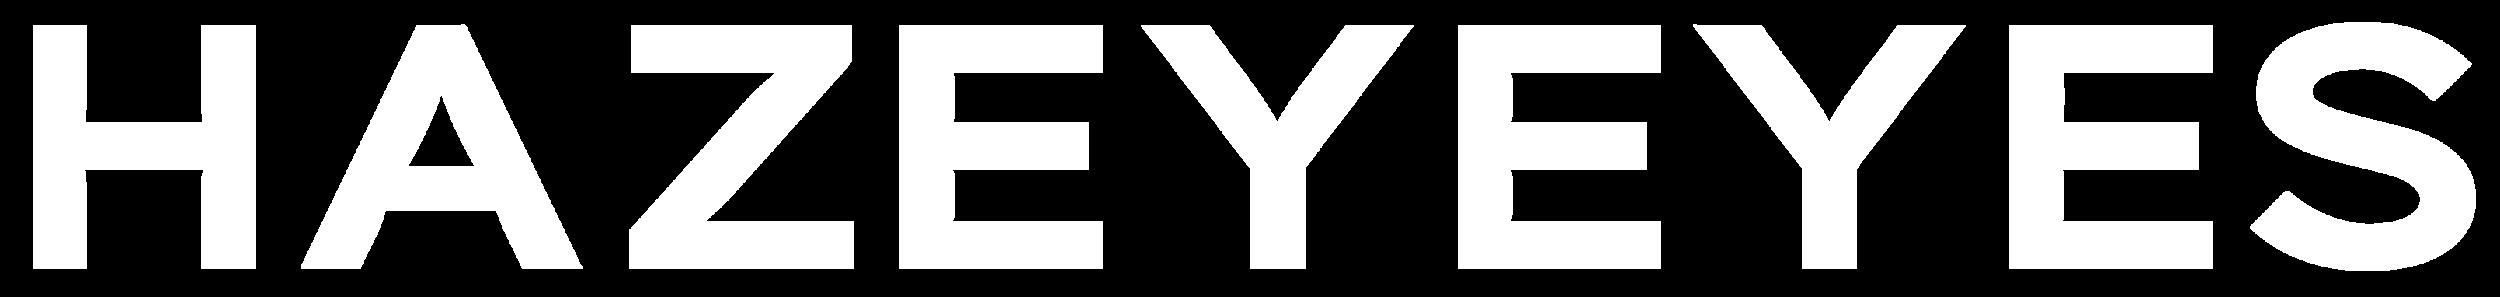 Hazey logo 2018 White.png